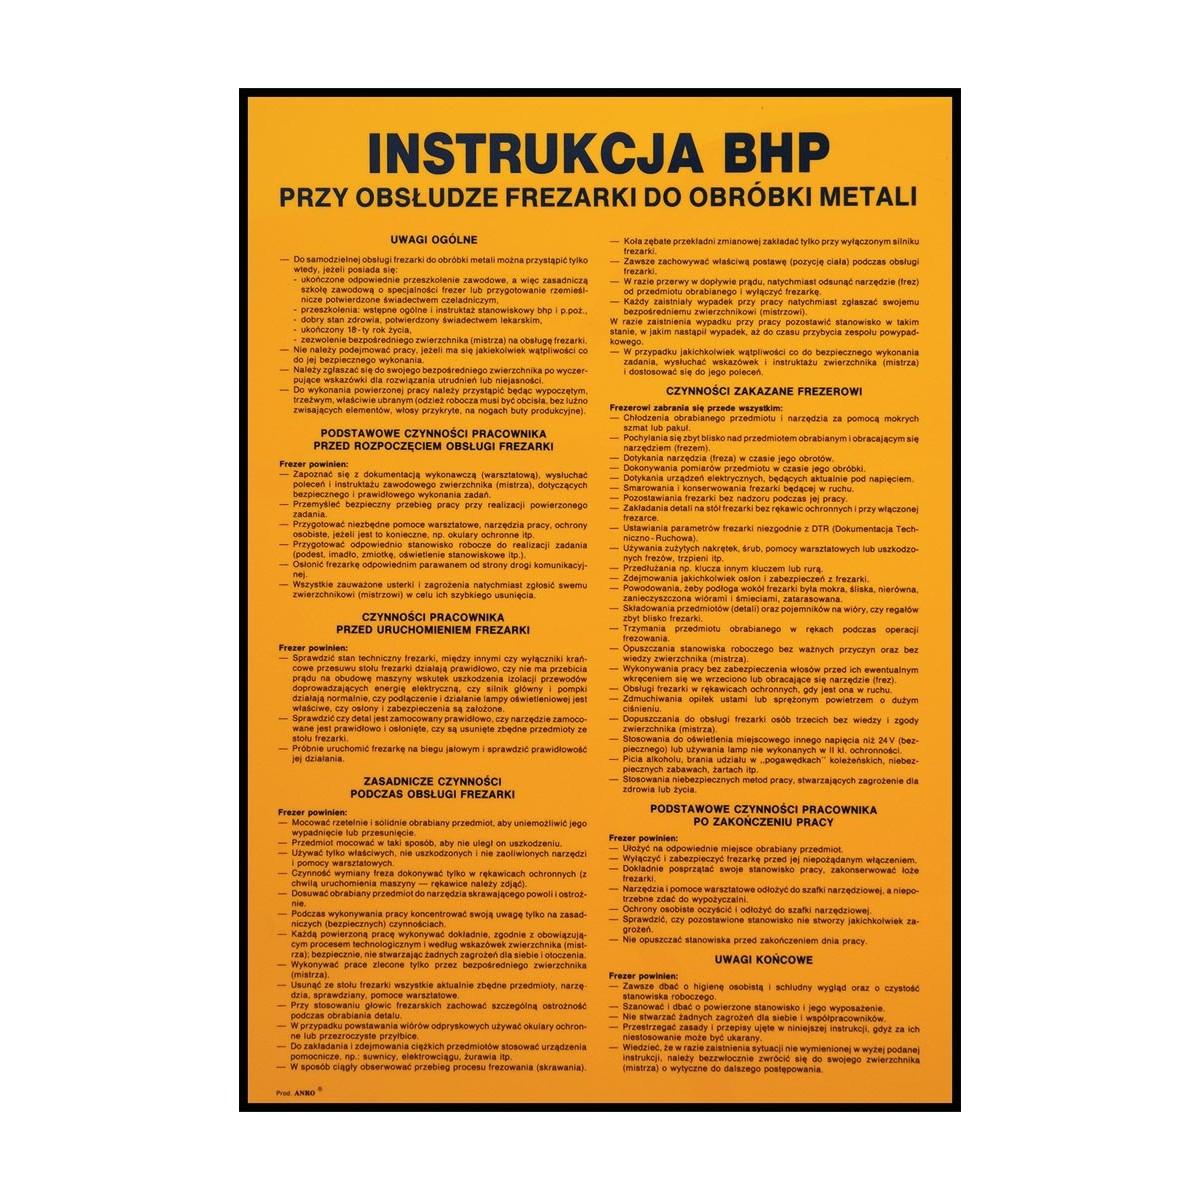 """Instrukcja BHP""""Instrukcja BHP przy obsłudze frezarki do obróbki metali"""""""